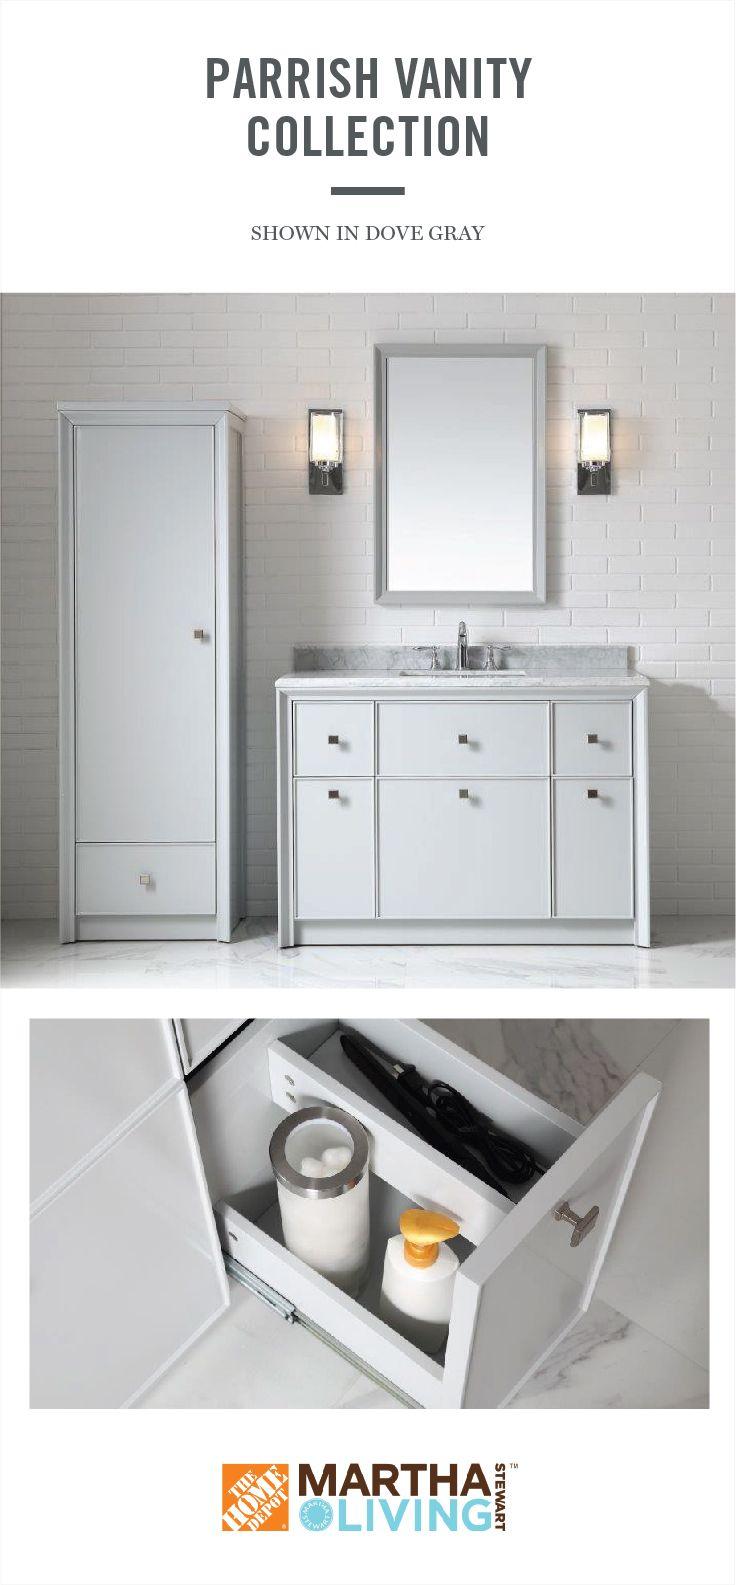 Badezimmer eitelkeiten 60 einzel waschbecken these bath vanities deliver on storage and style  bathrooms